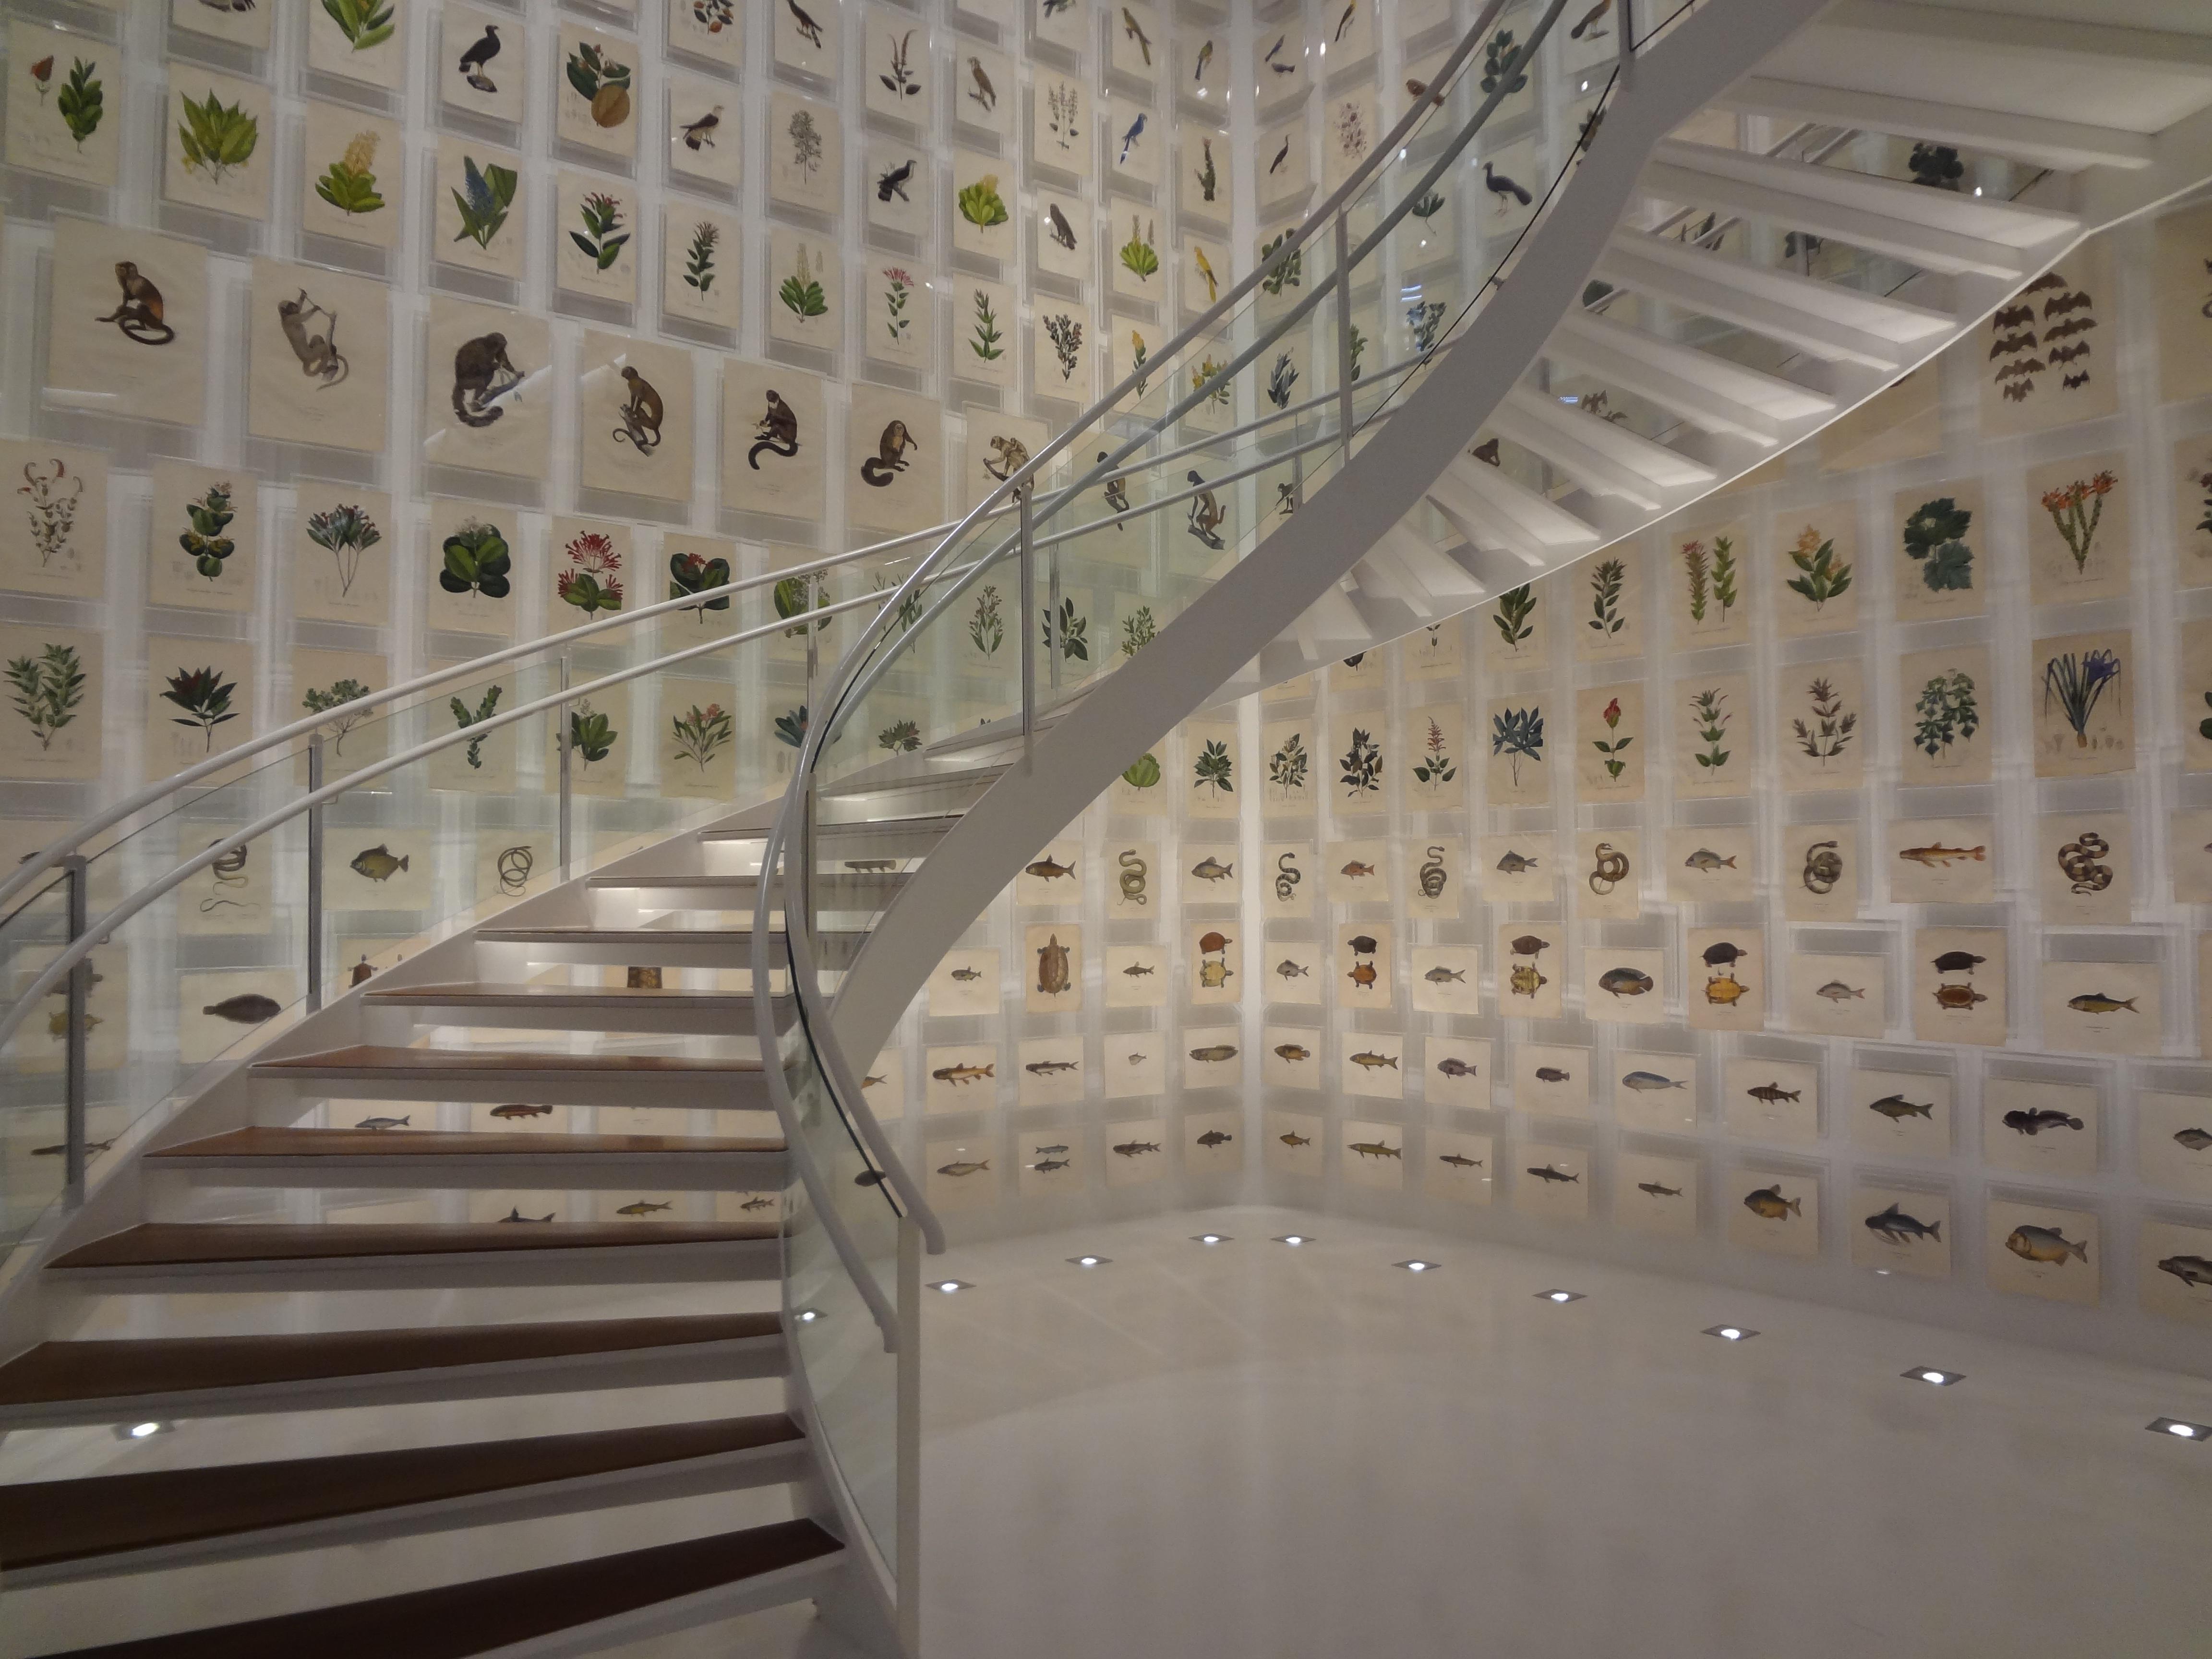 fotos gratis arquitectura estructura piso escalera